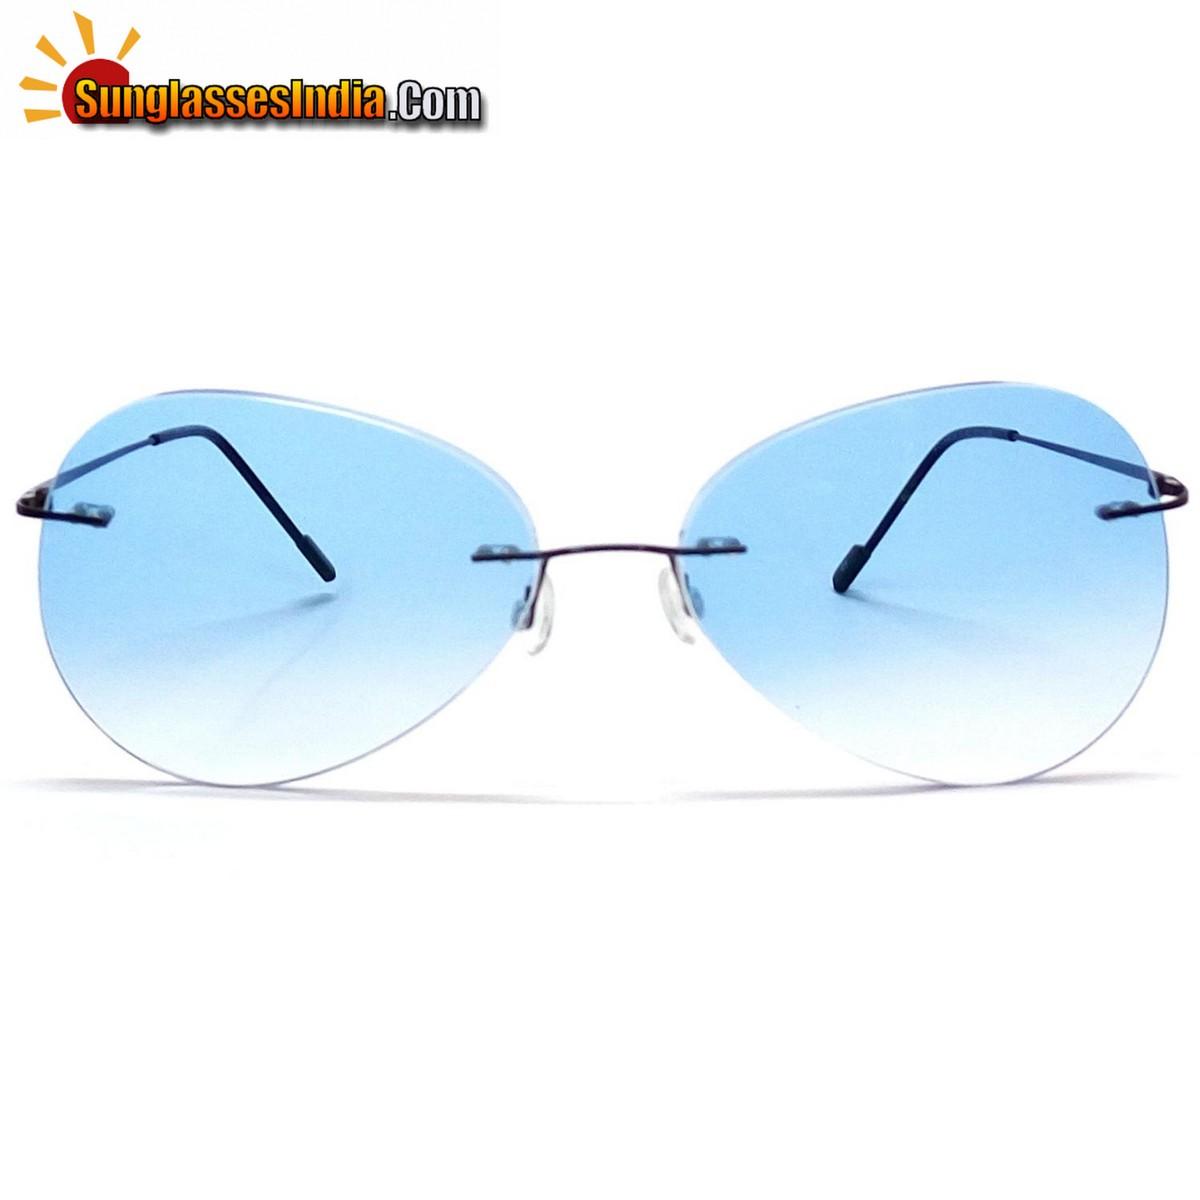 Blue Ultra Light Weight Rimless Aviator Sunglasses for Men and Women